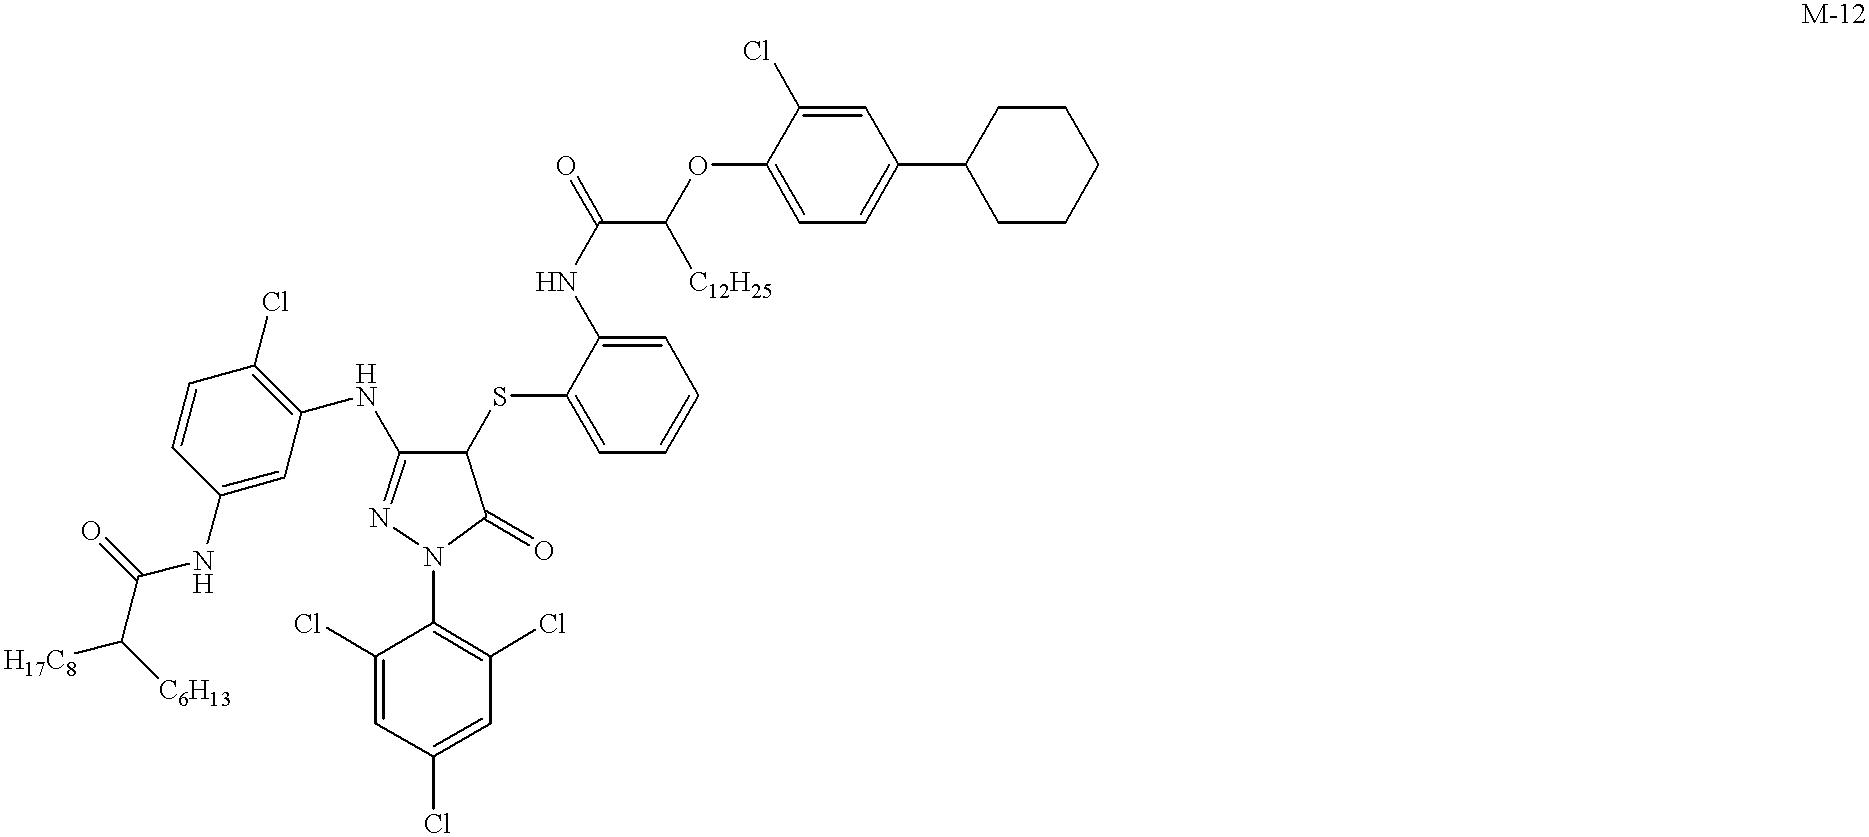 Figure US06218097-20010417-C00010